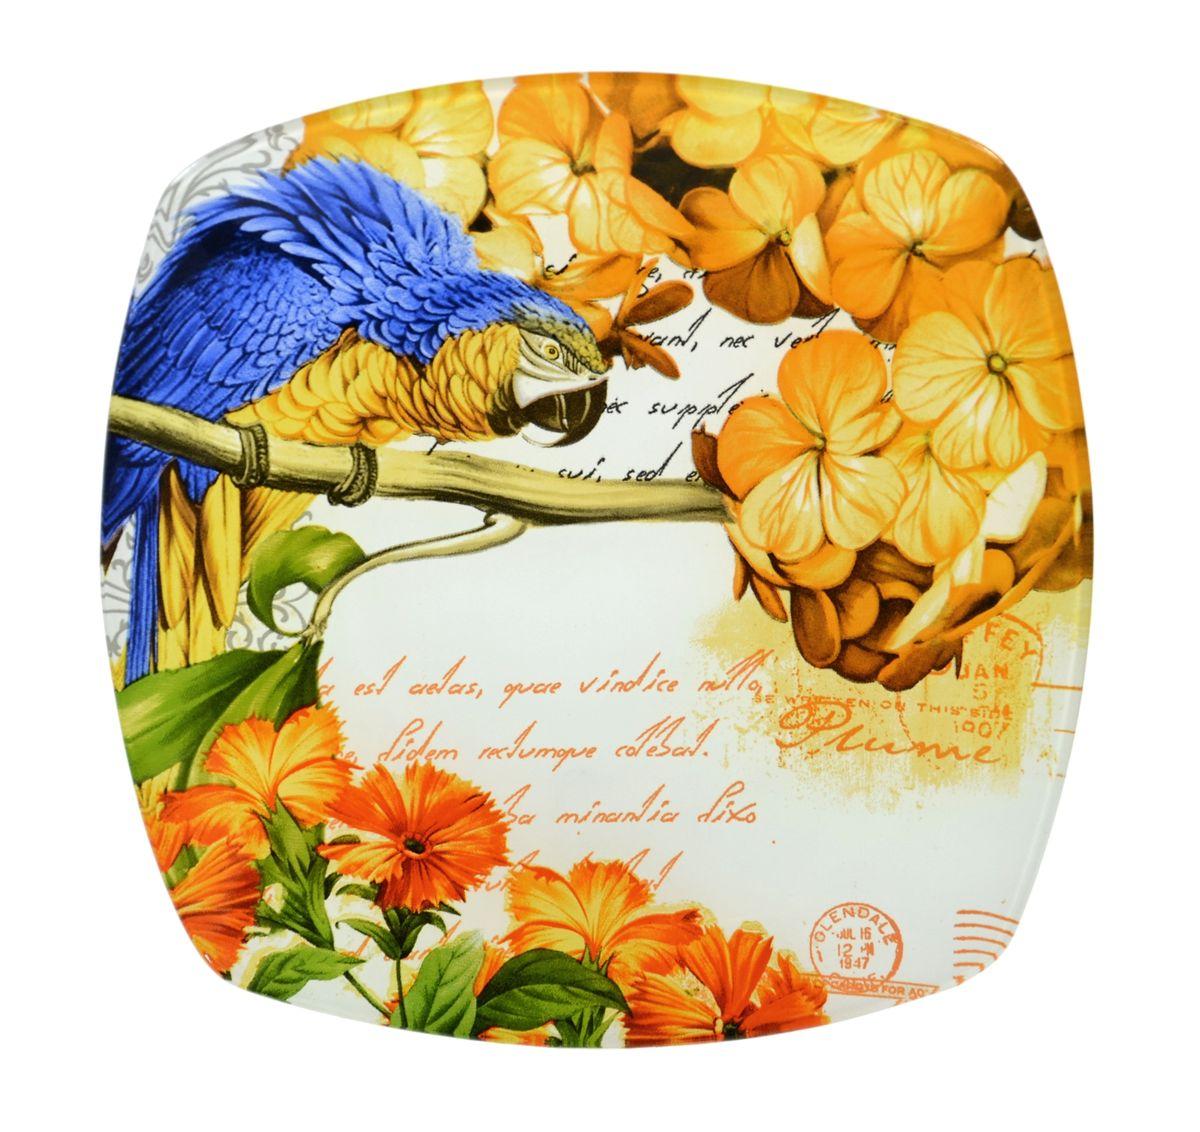 Тарелка Zibo Shelley Попугай, 25 х 25 смZSPP350010BКвадратная тарелка Zibo Shelley Попугай, изготовленная из стекла, декорирована ярким изображением. Она не только украсит сервировку вашего стола и подчеркнет прекрасный вкус хозяина, но и станет отличным подарком. Можно использовать в посудомоечной машине и СВЧ. Размер по верхнему краю: 25 см х 25 см. Высота: 1,9 см.